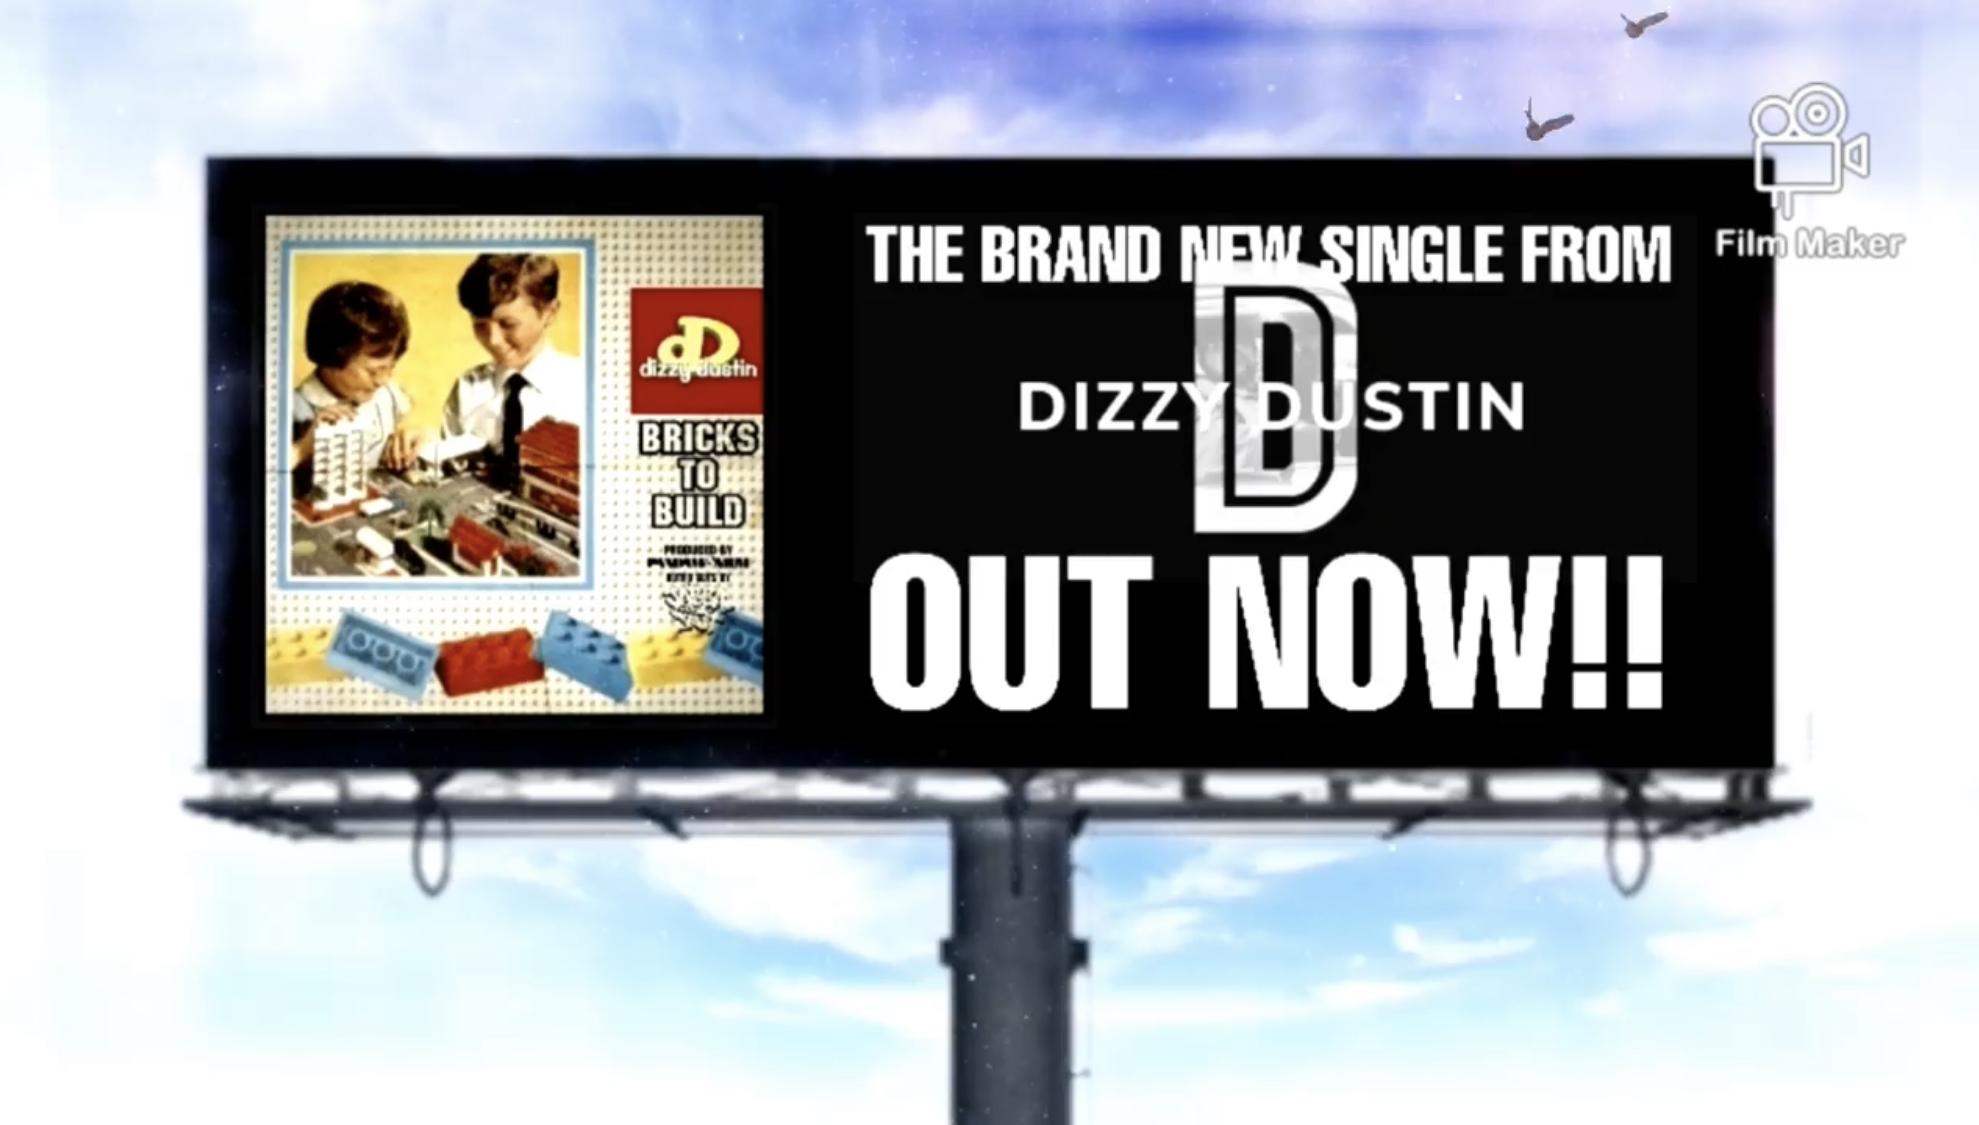 Dizzy Dustin - Bricks to Build   Audio